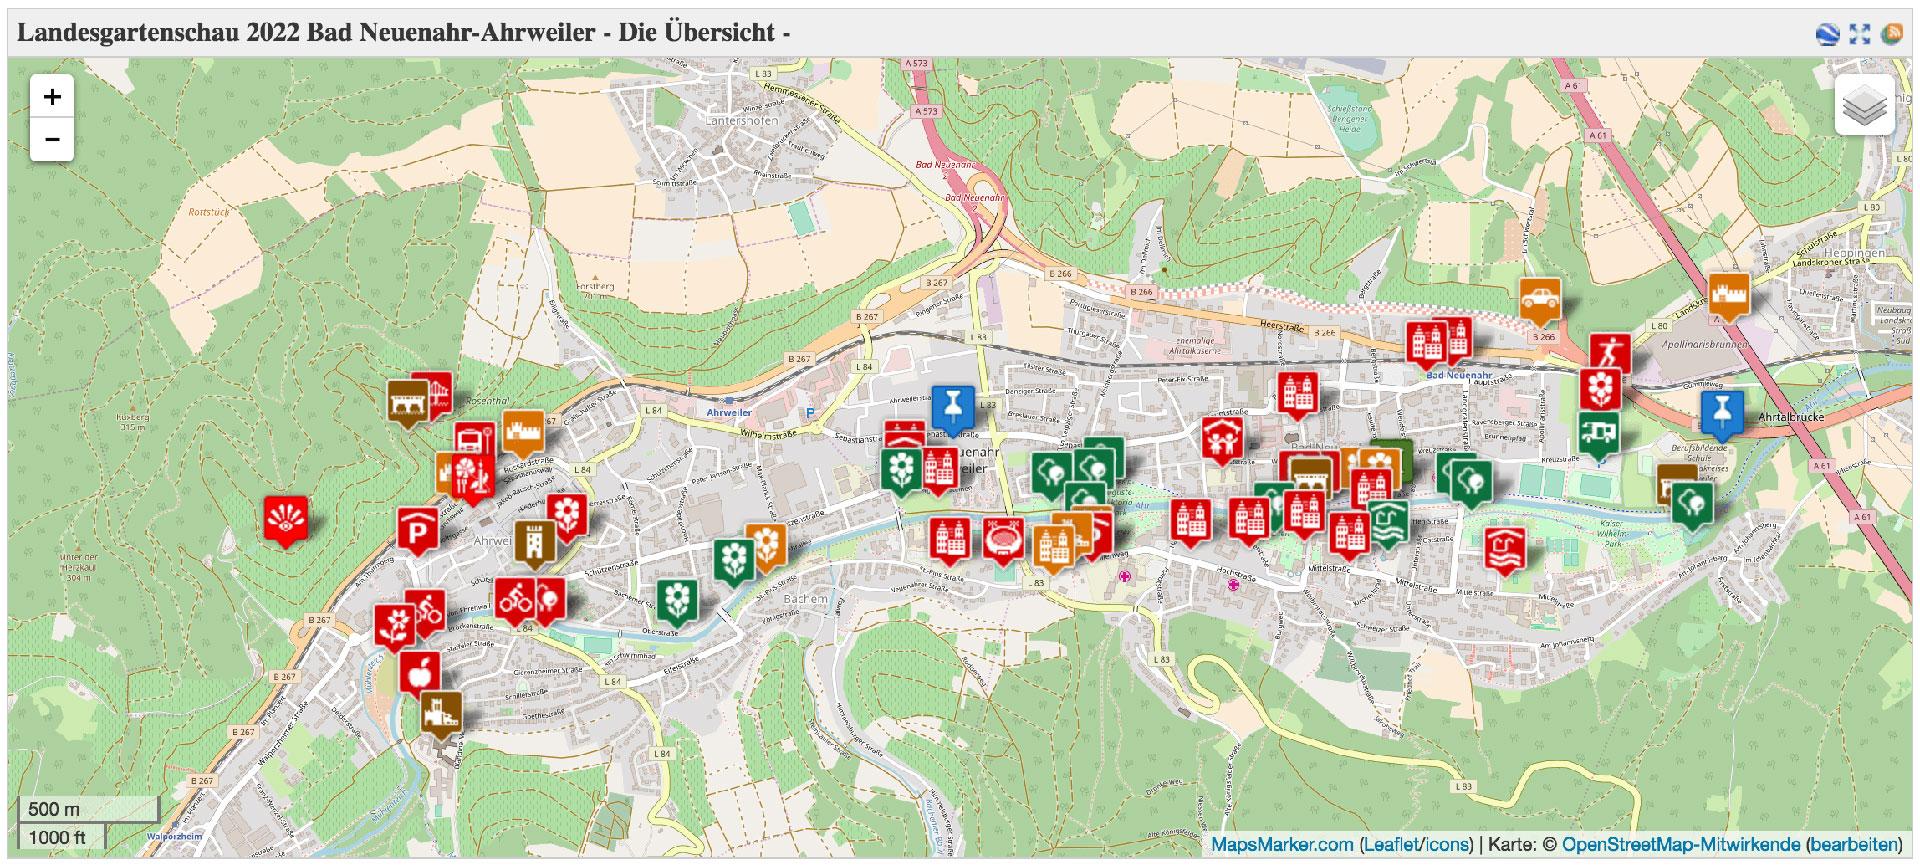 Landesgartenschau 2022 in Bad Neuenahr-Ahrweiler, die interaktive Karte